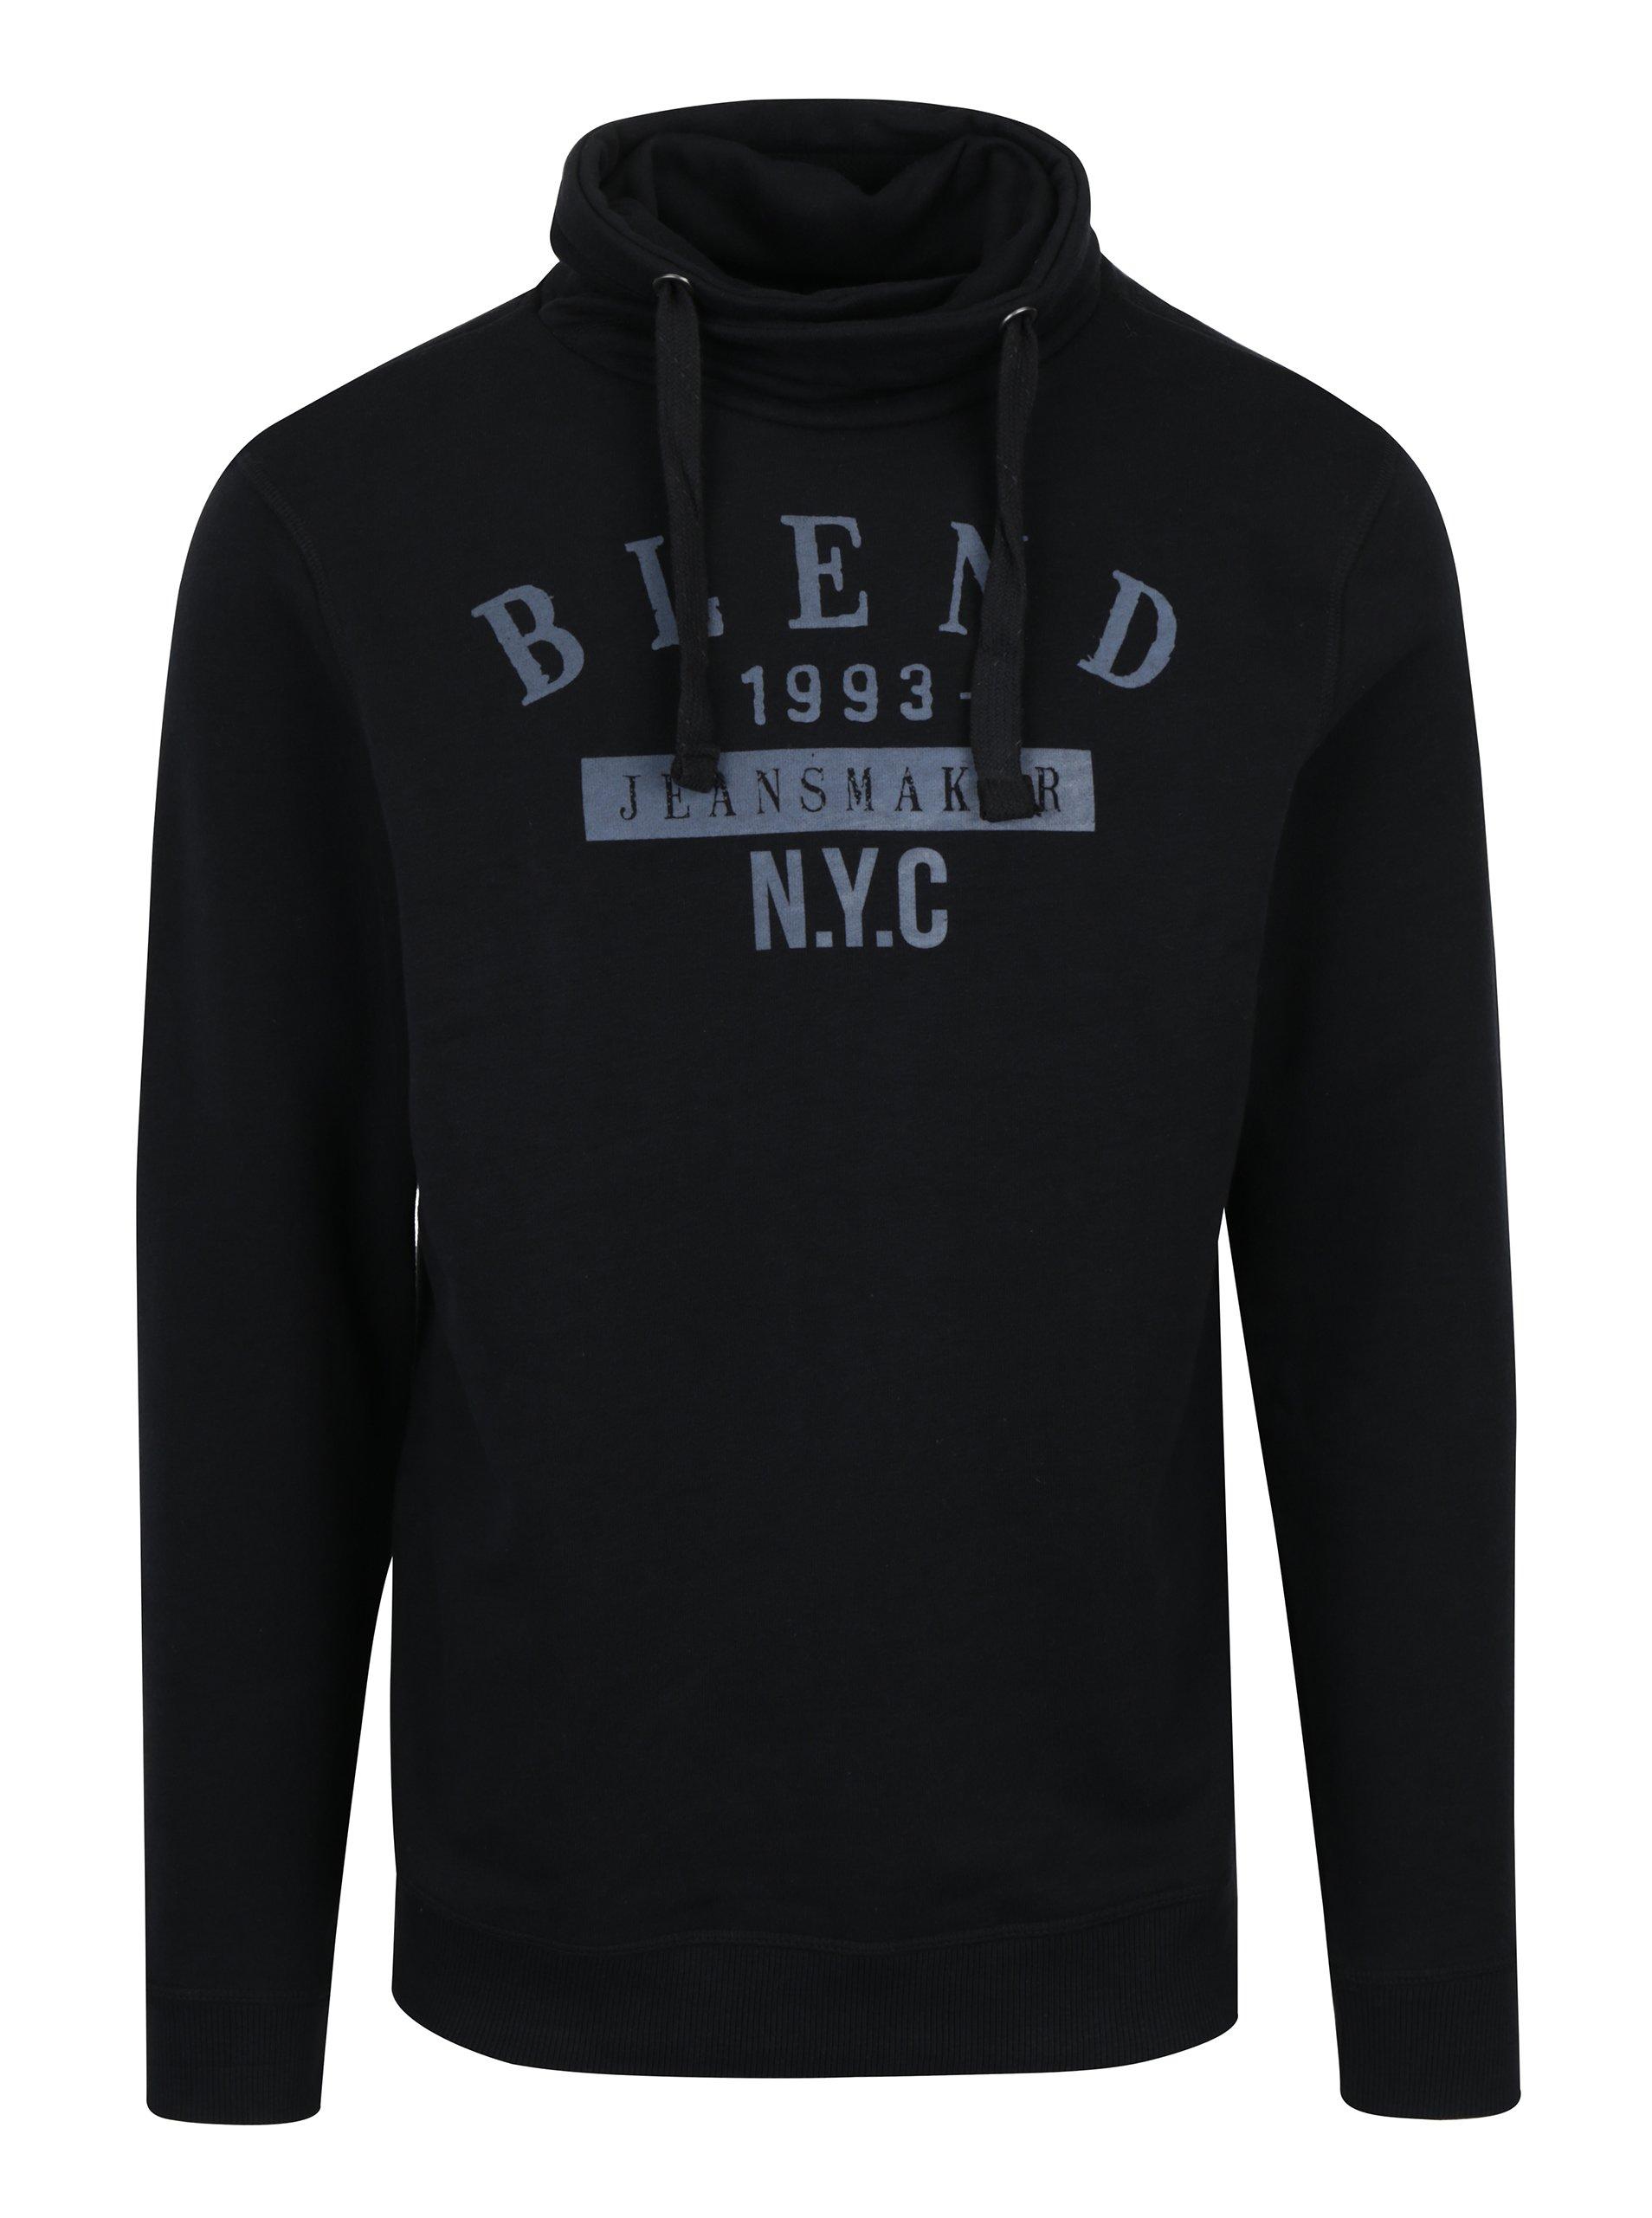 Černá regular fit mikina s vysokým límcem Blend